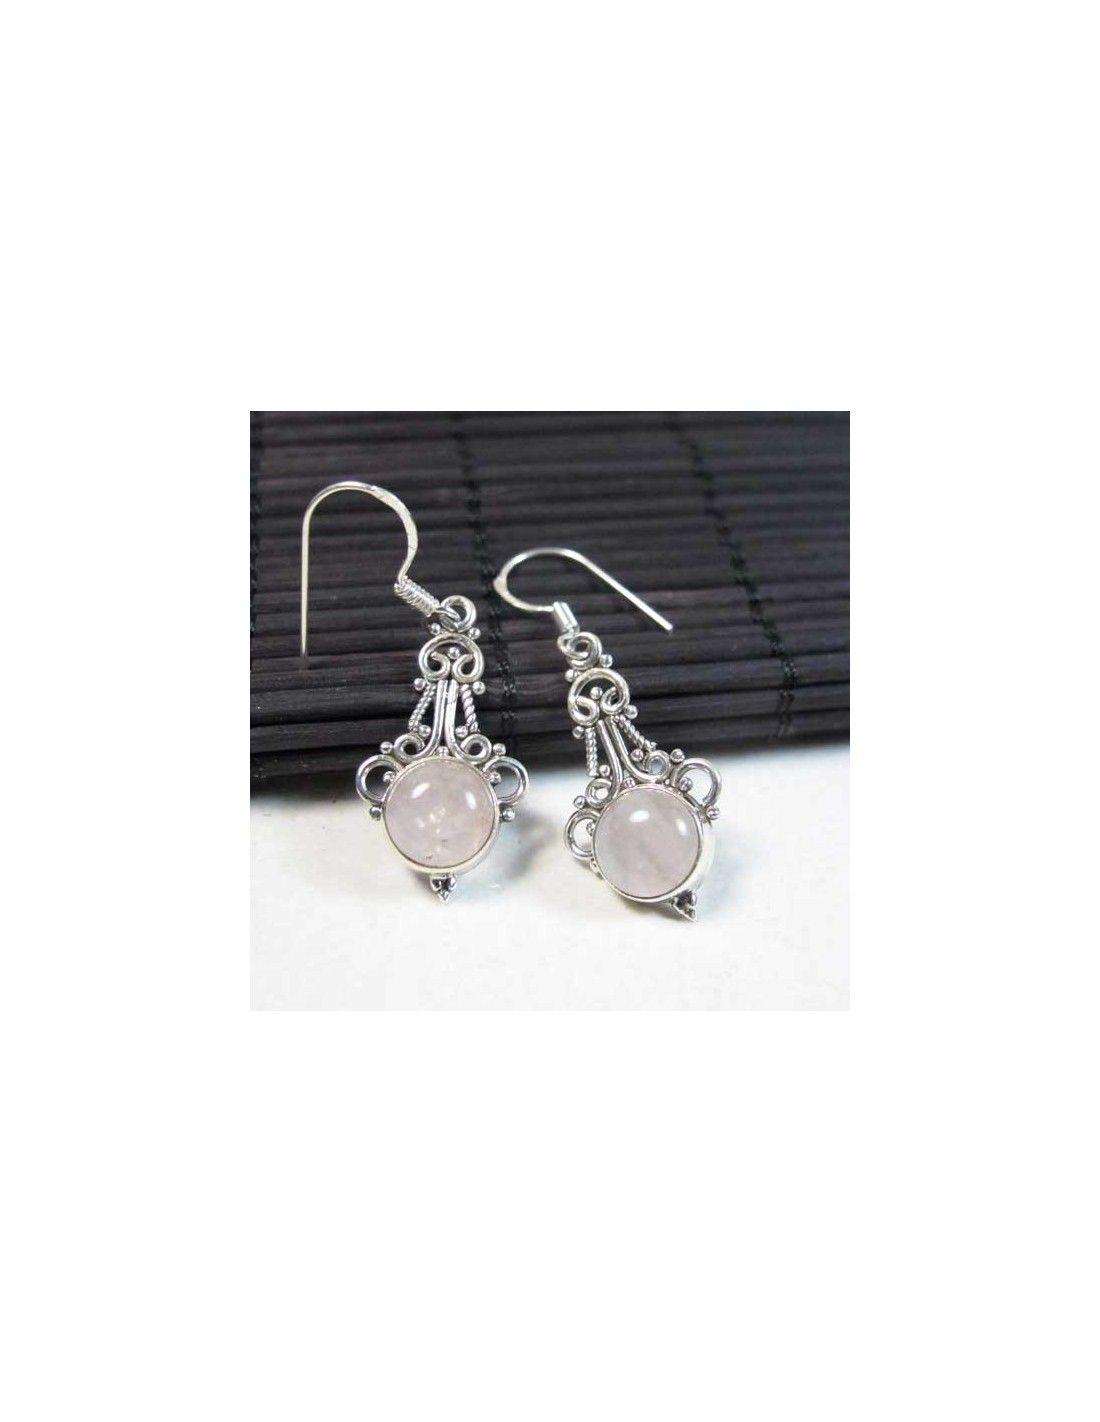 Bijoux Argent Quartz Rose : Boucles d oreilles argent et quartz rose bijoux